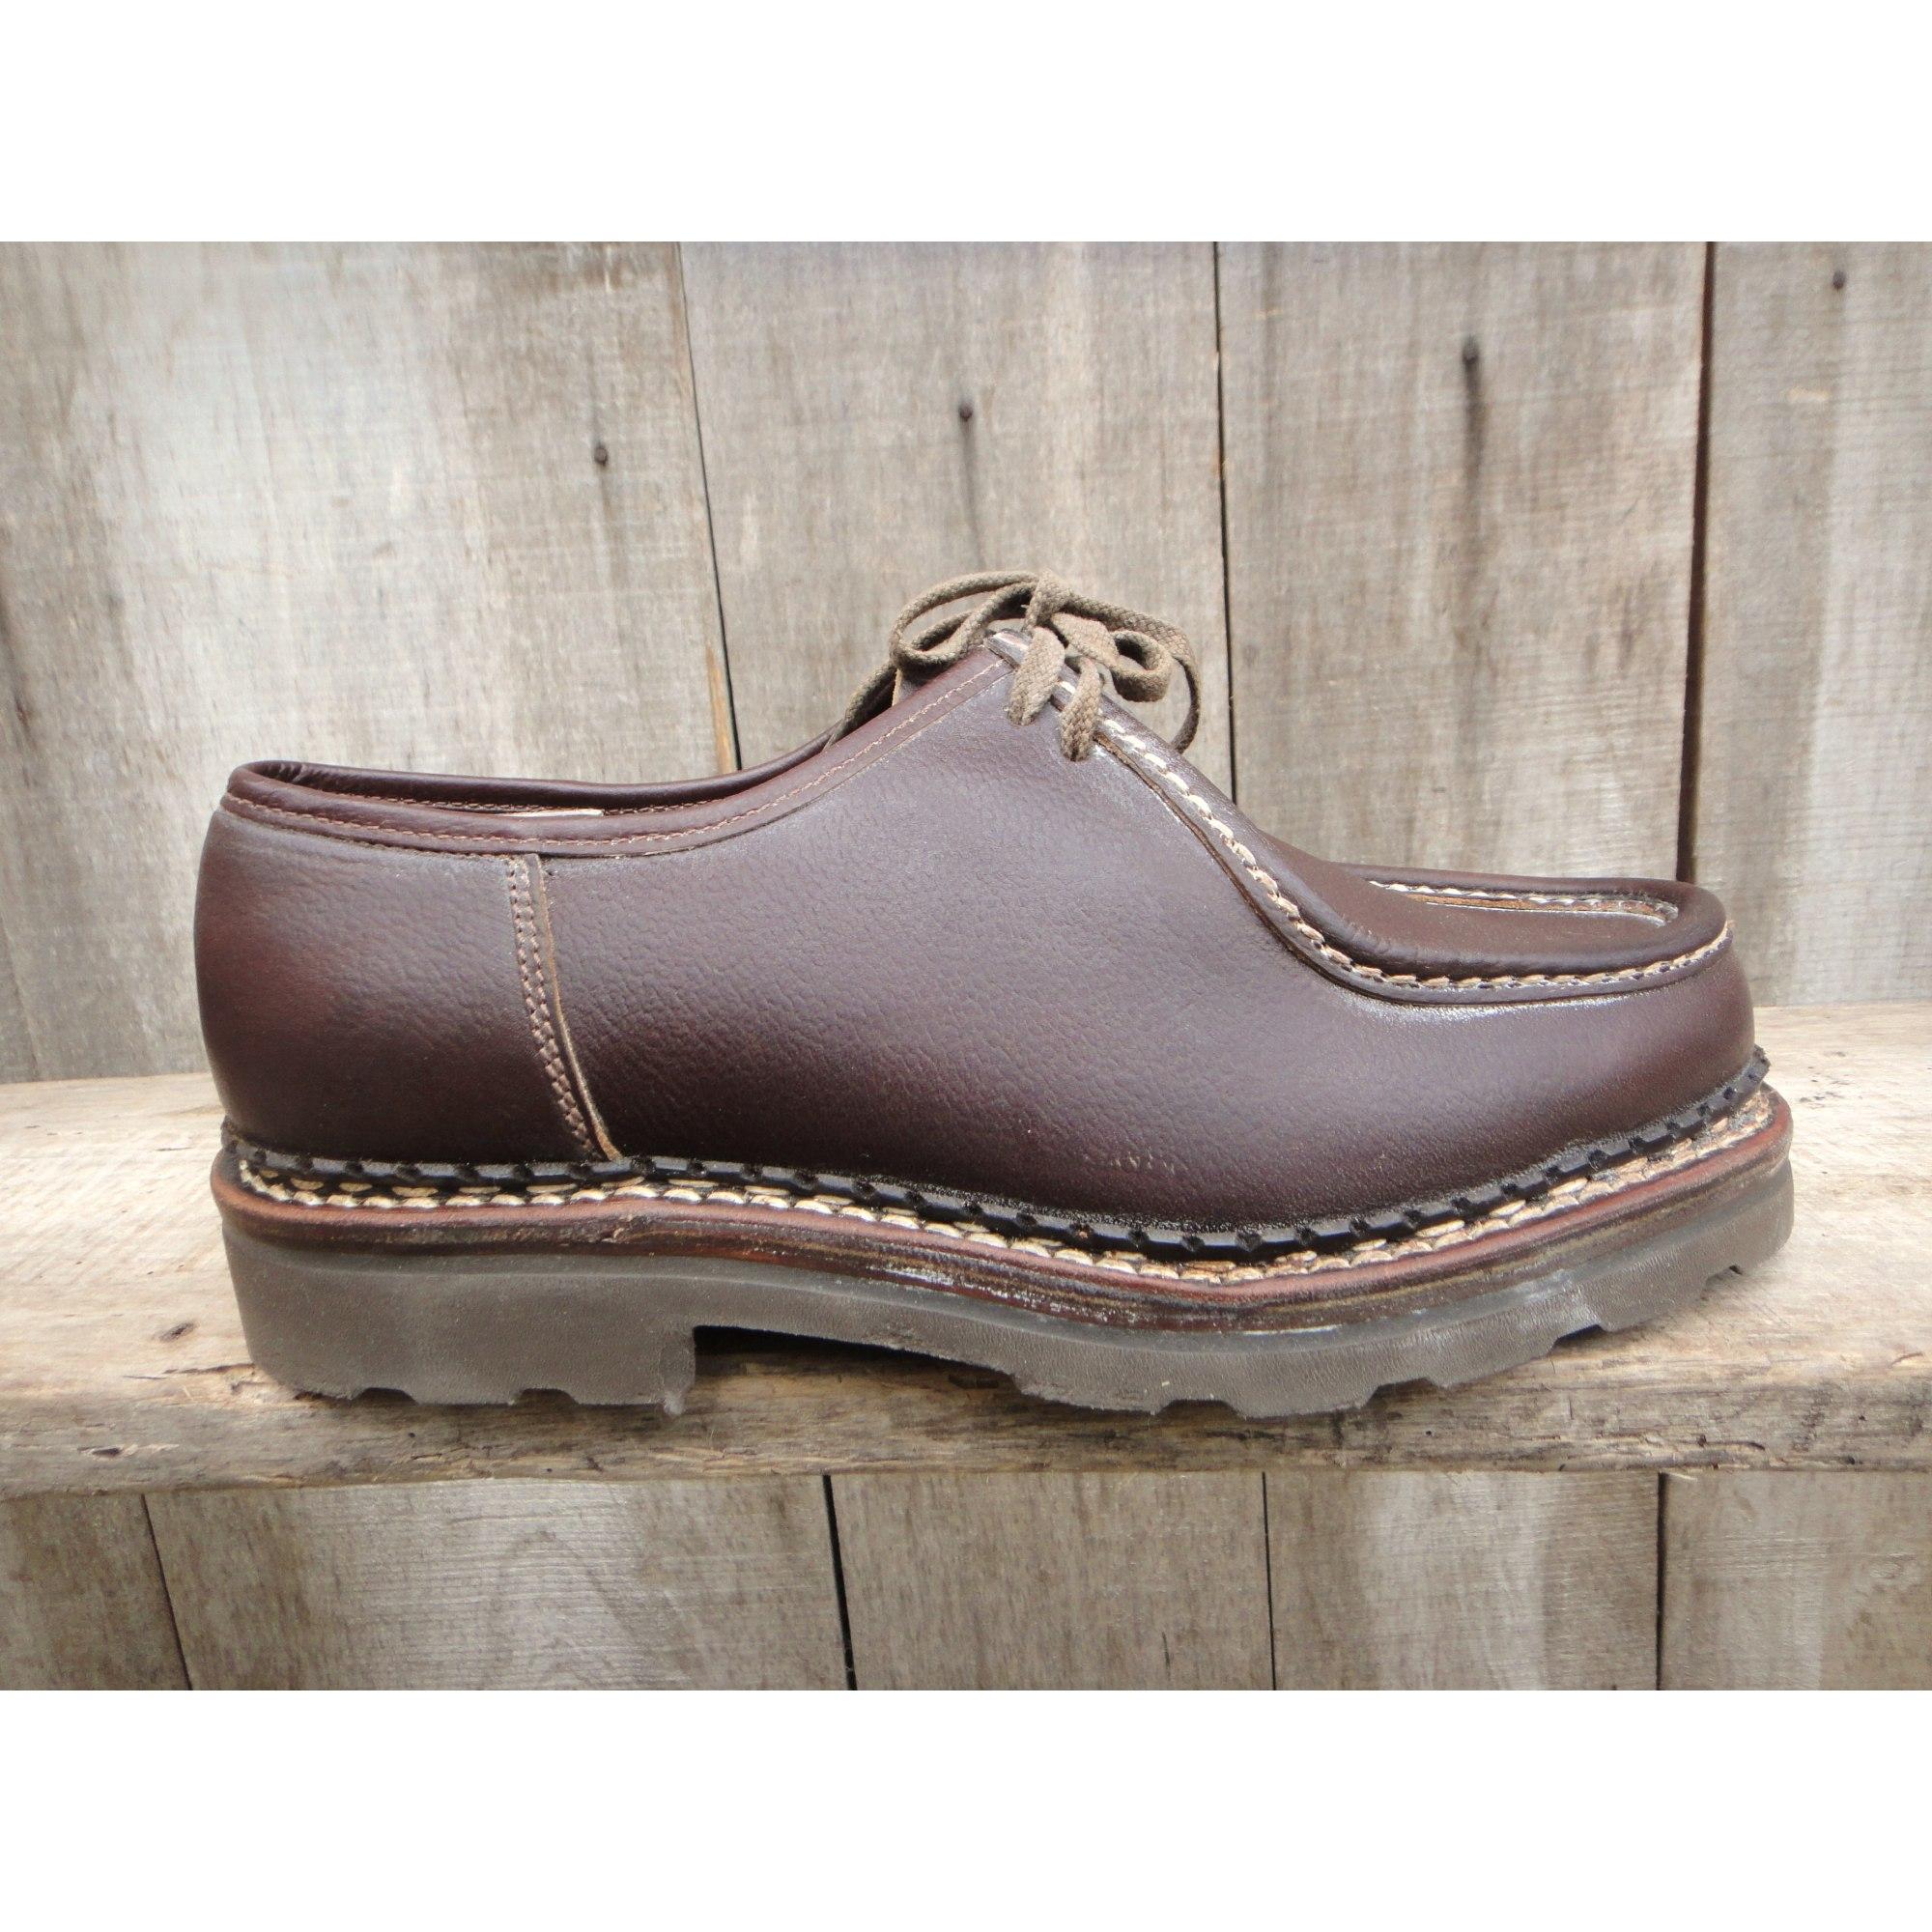 f19abac7c513 Chaussures à lacets TRAPPEUR 42 marron vendu par Le grenier de sacha ...